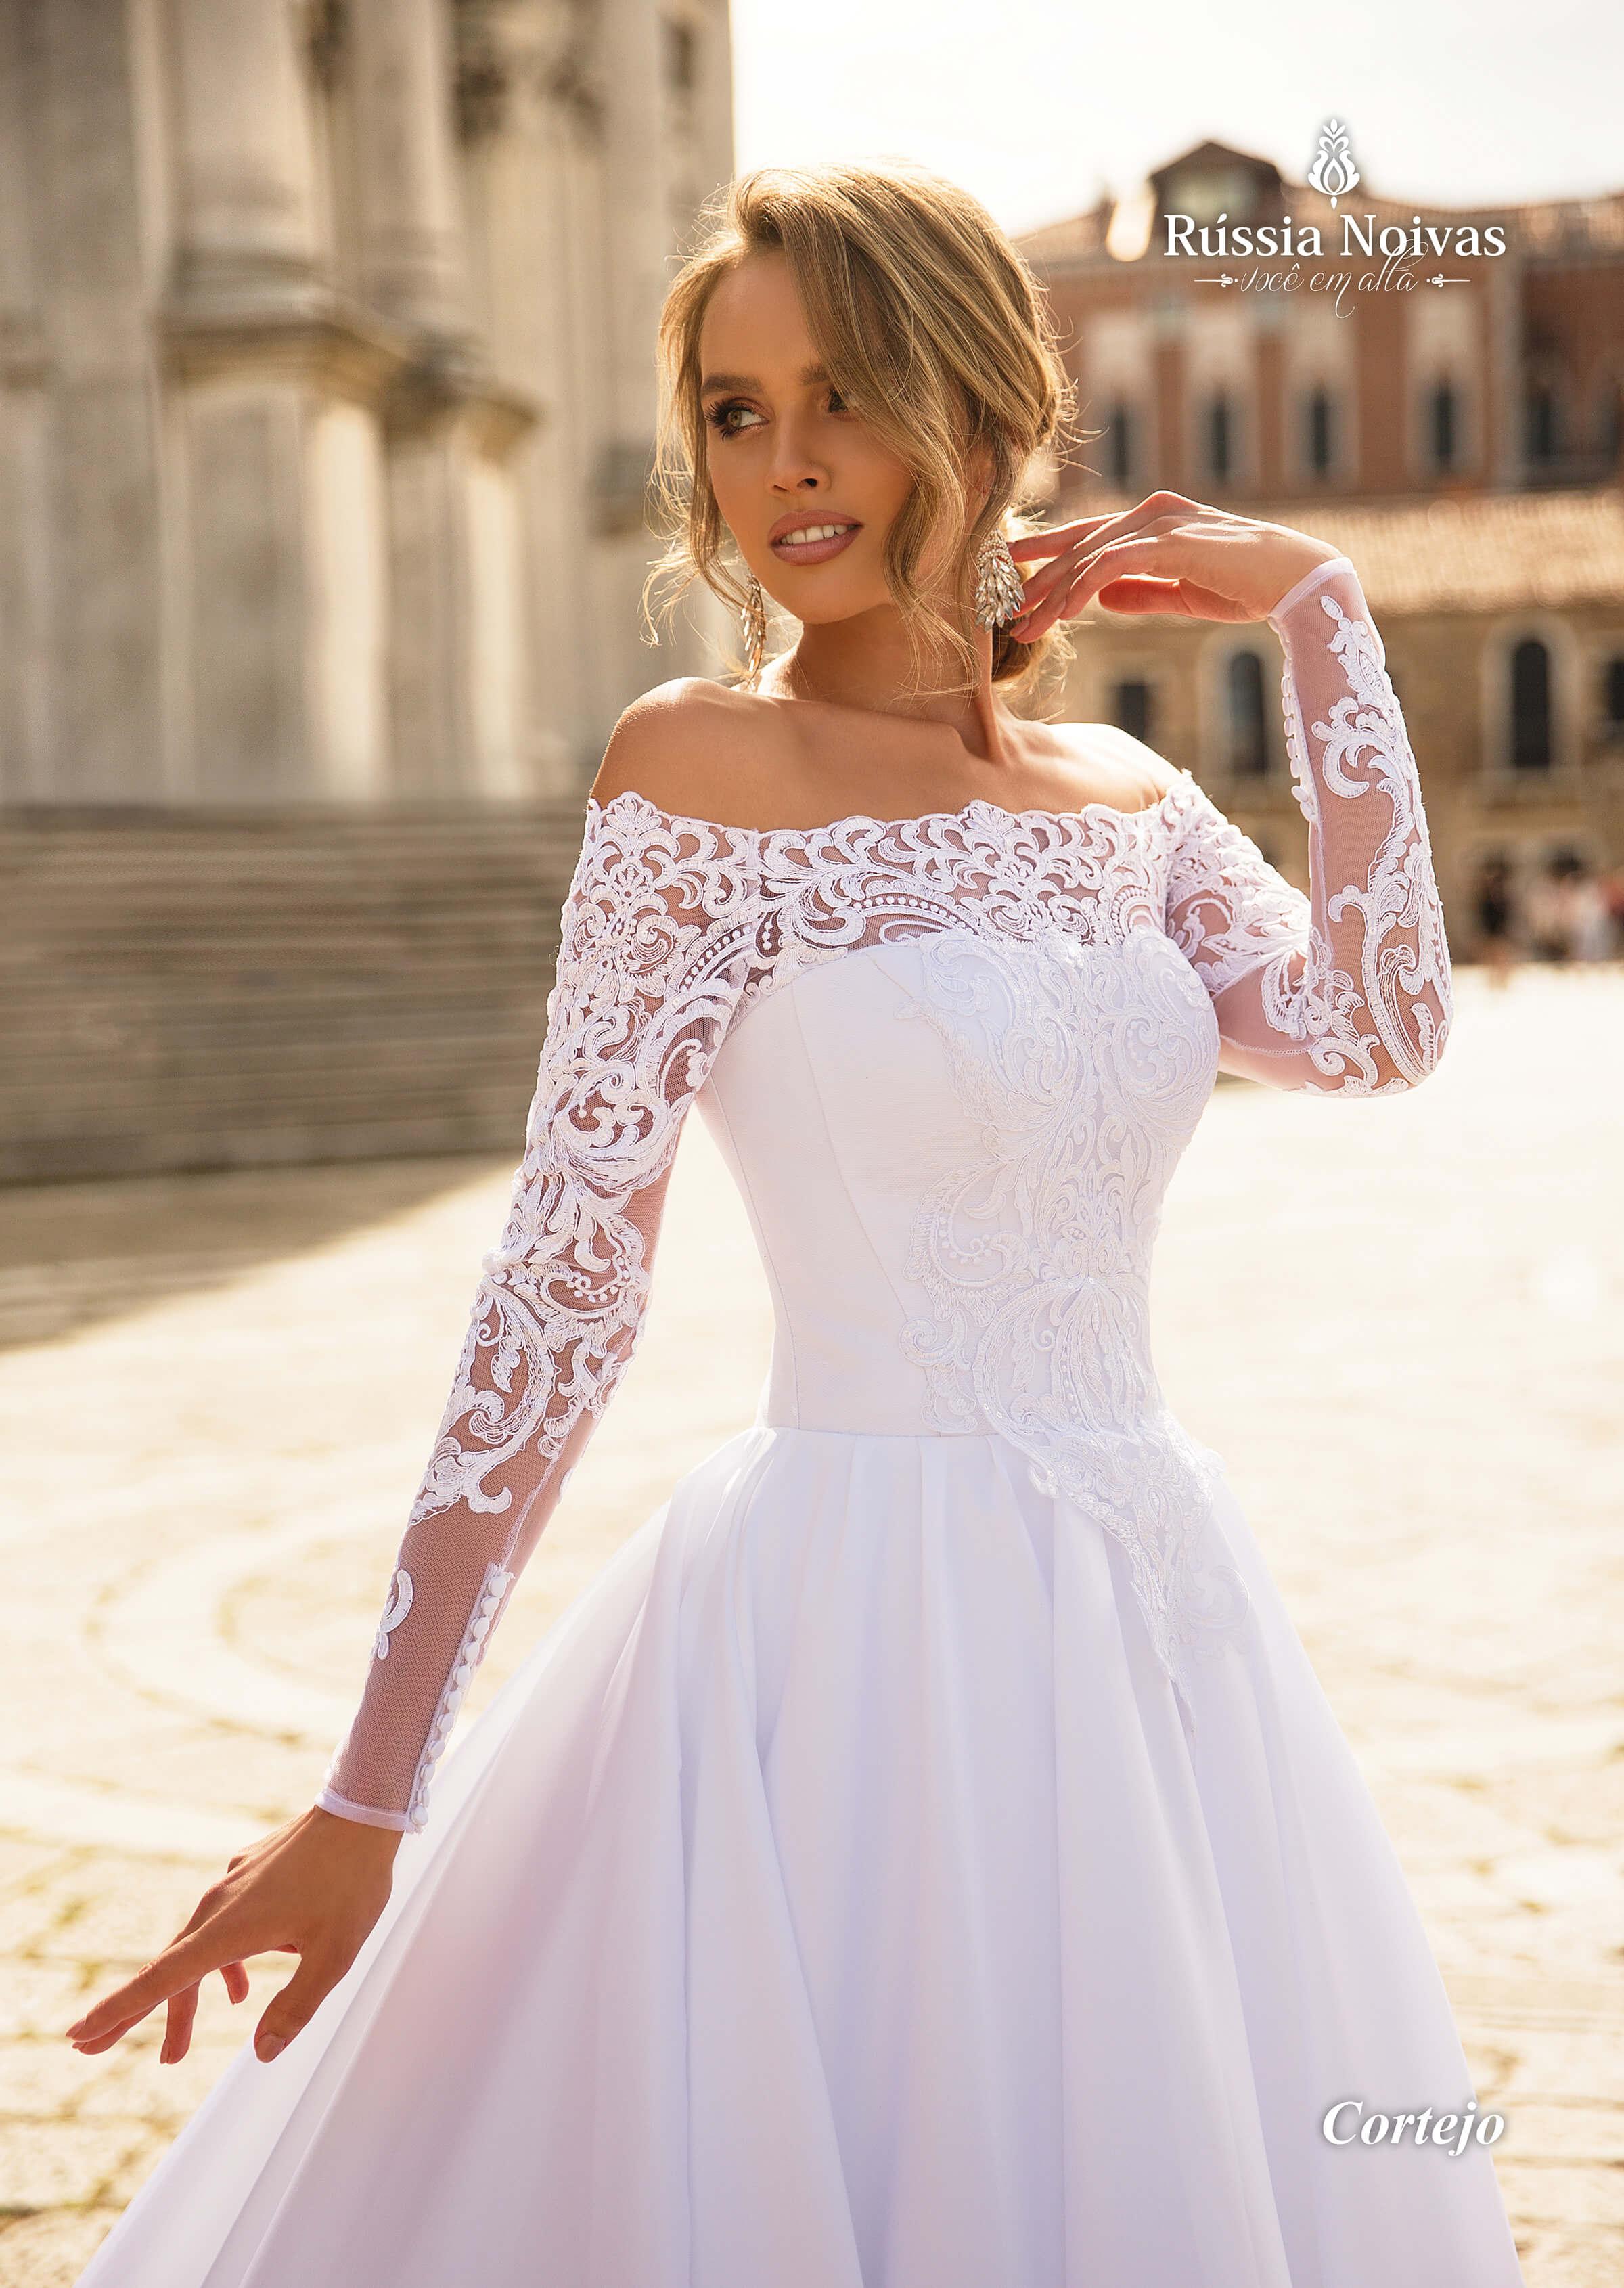 b8c1a36dbe Vestido de noiva princesa x vestido de noiva sereia  Qual escolher